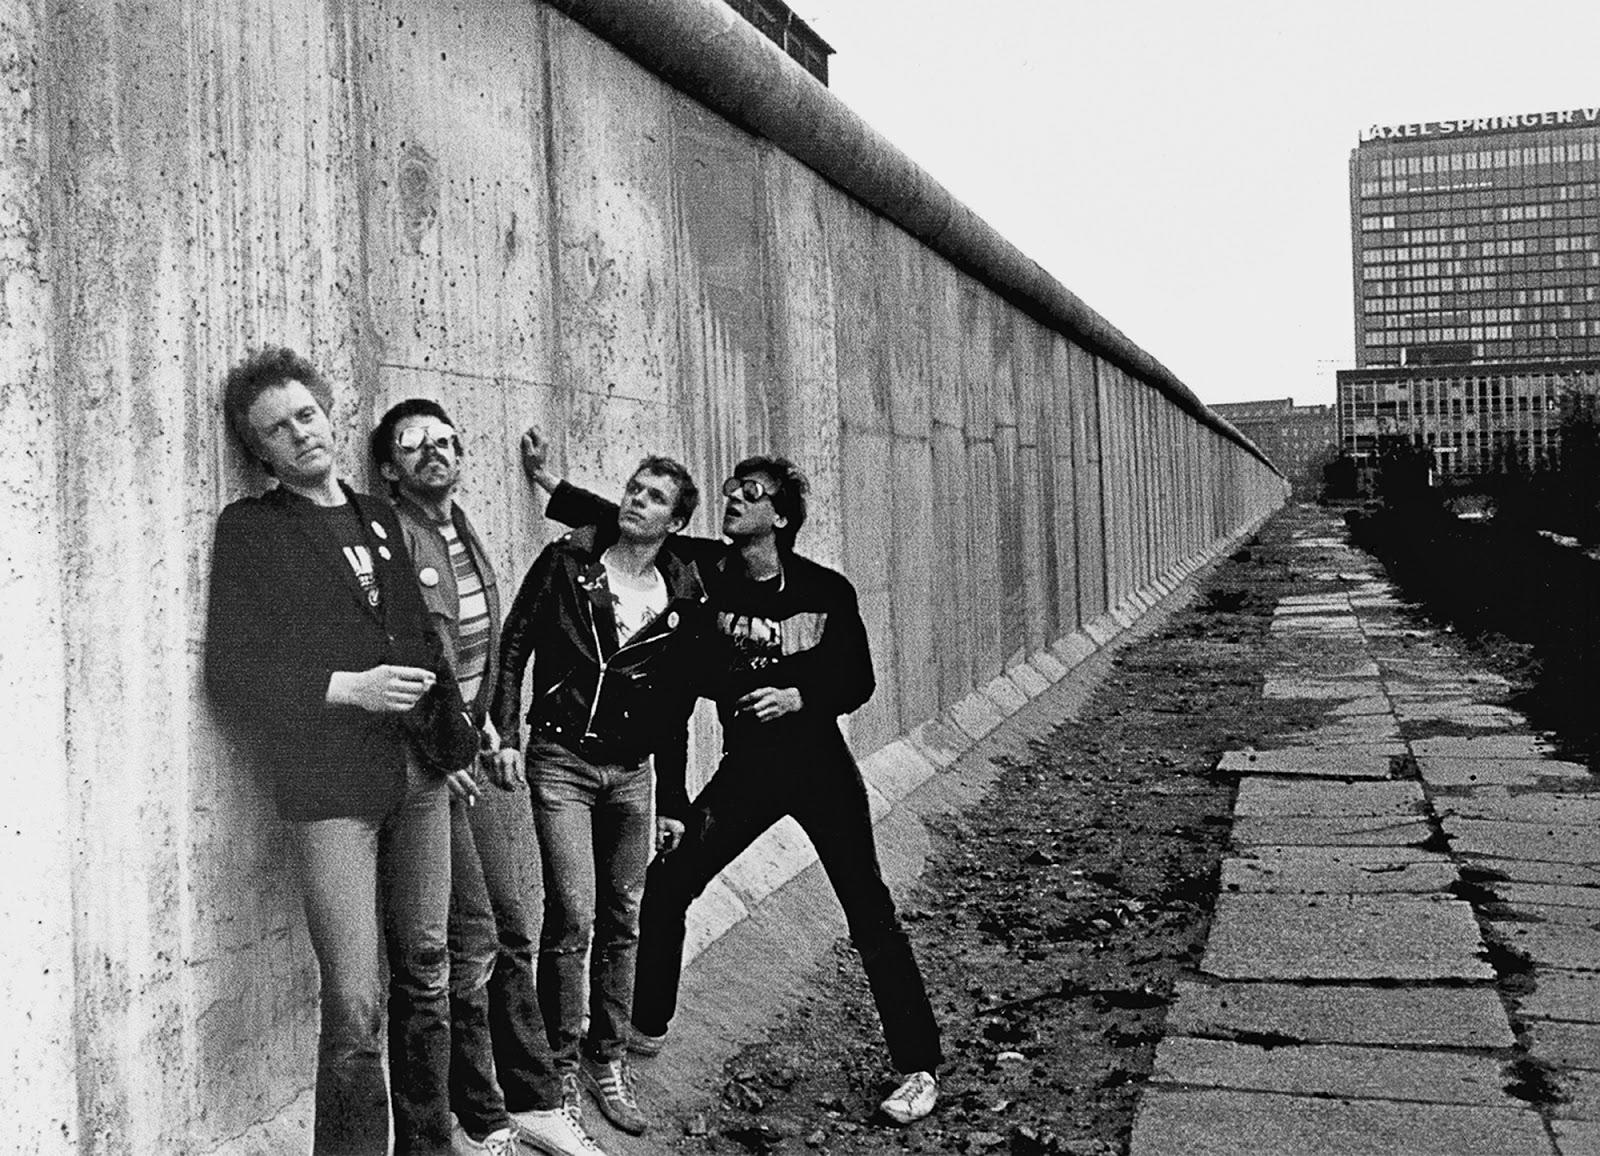 Der Punk